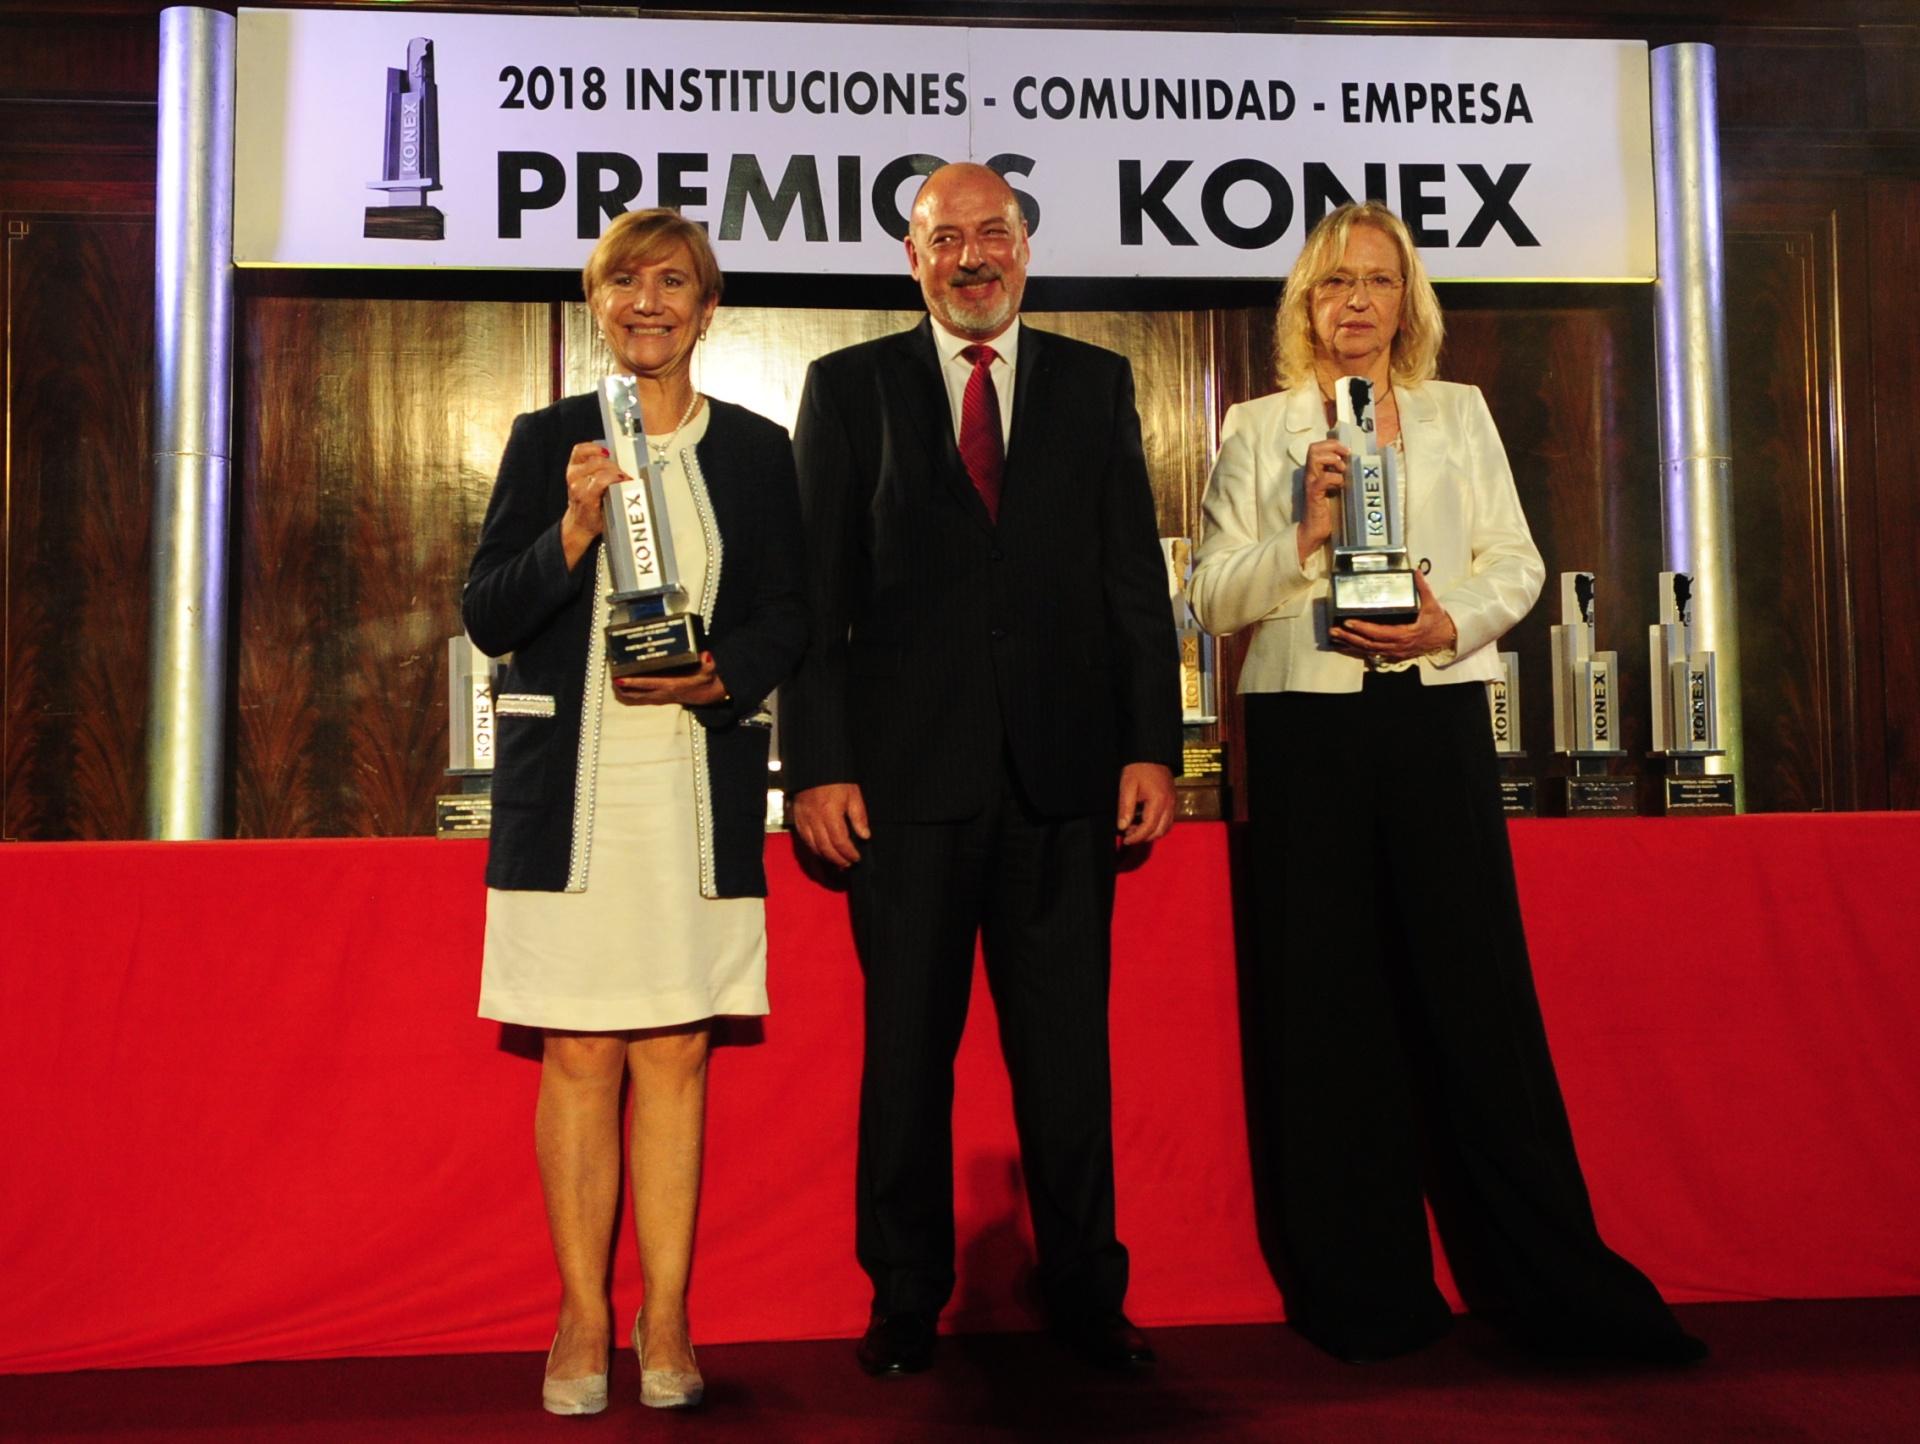 Premio Konex de Platino en la disciplina Magistrados para Hilda Kogan y María José Sarmiento